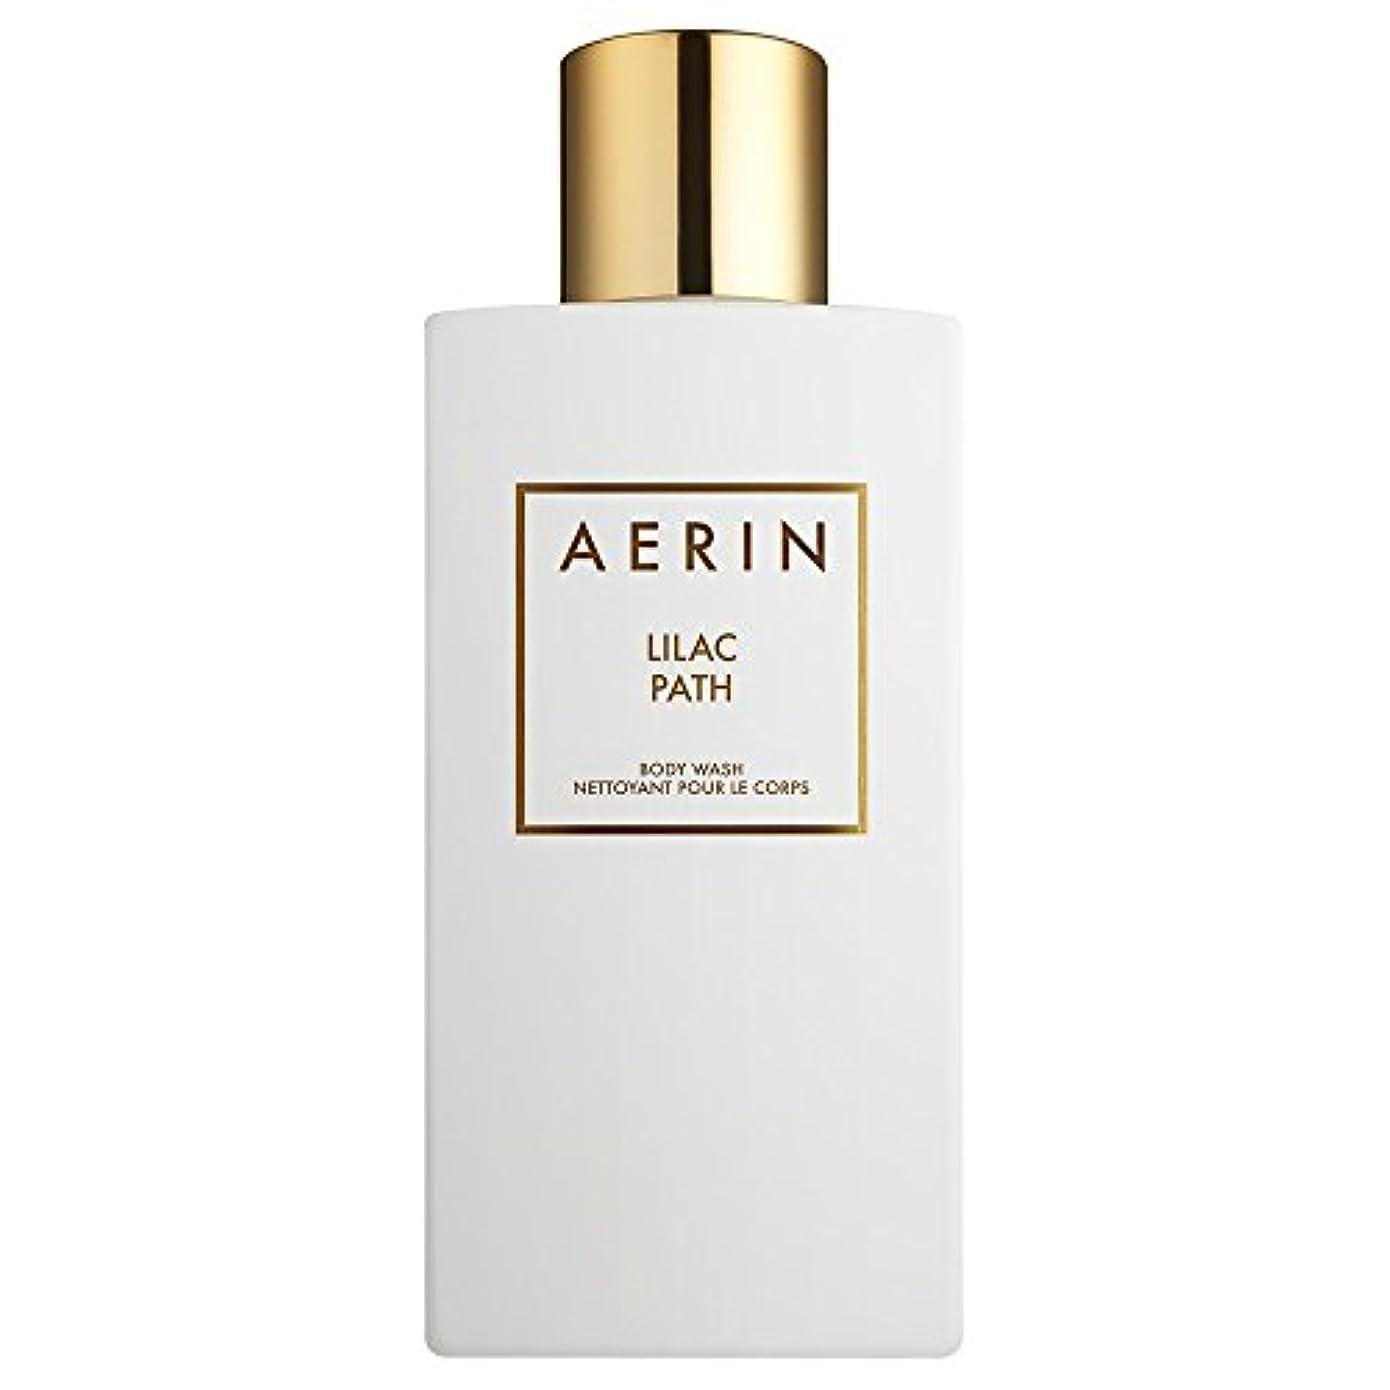 信頼性証明する万歳Aerinライラックパスボディウォッシュ225ミリリットル (AERIN) - AERIN Lilac Path Bodywash 225ml [並行輸入品]